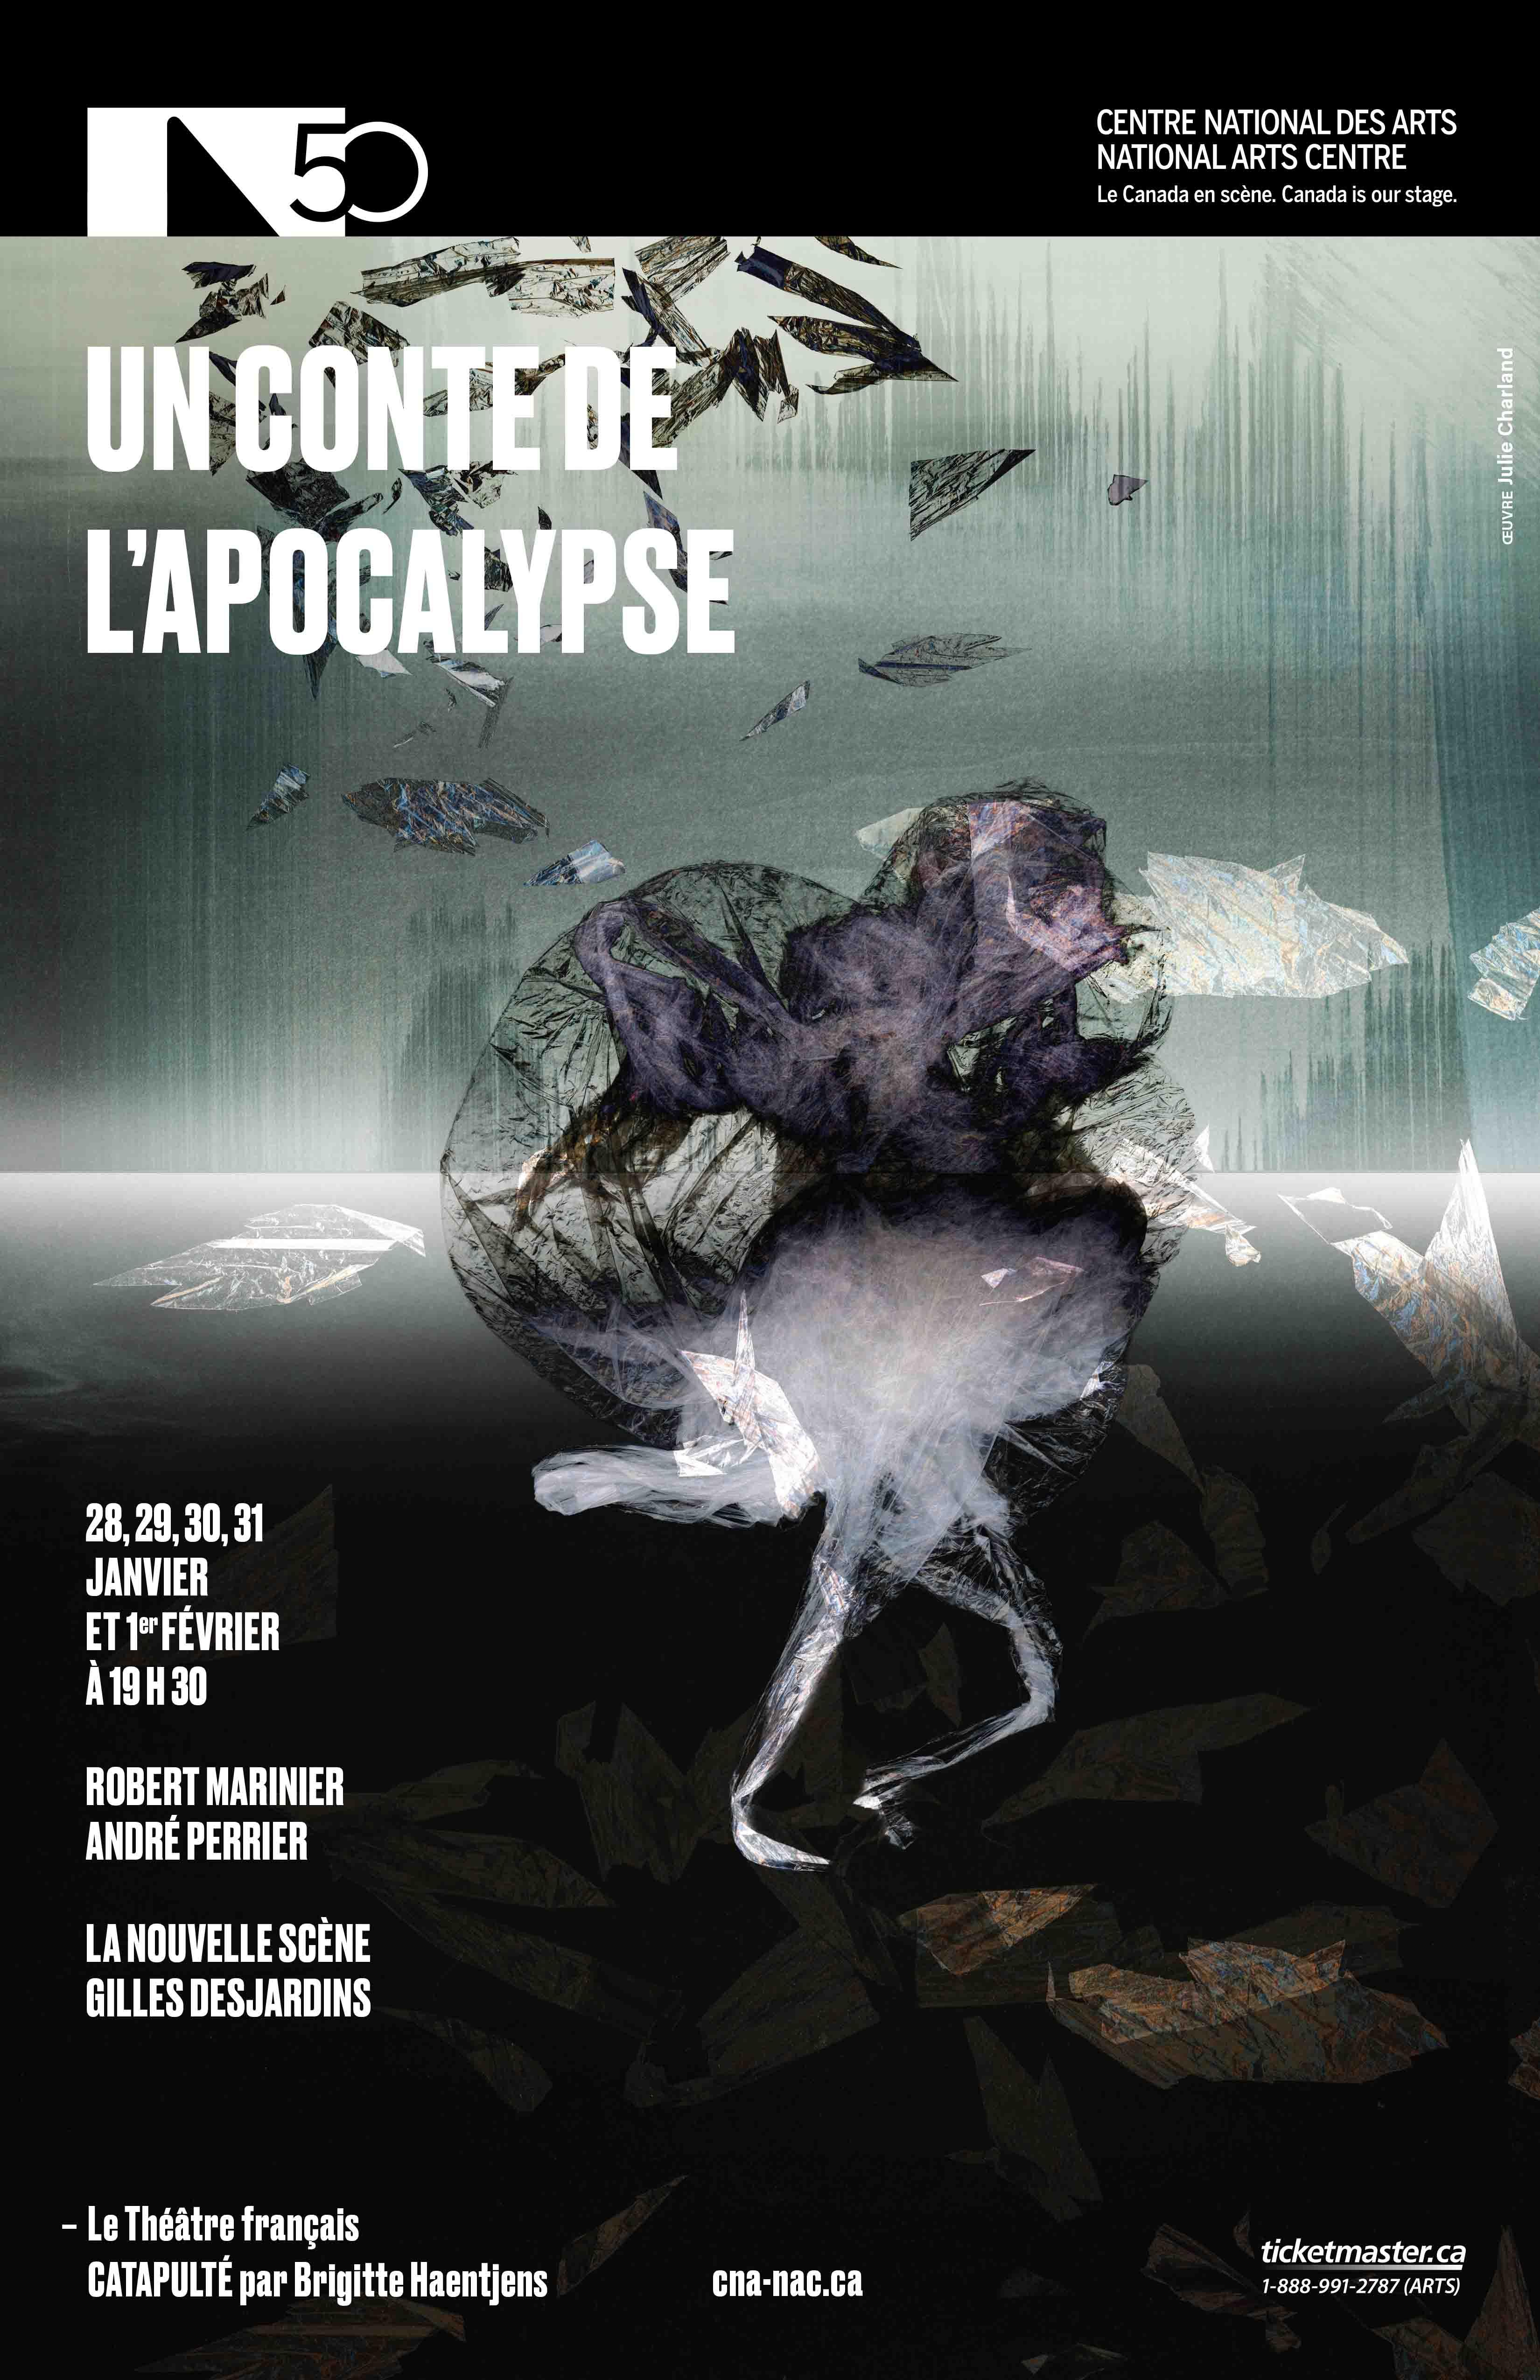 Un conte de l'apocalypse